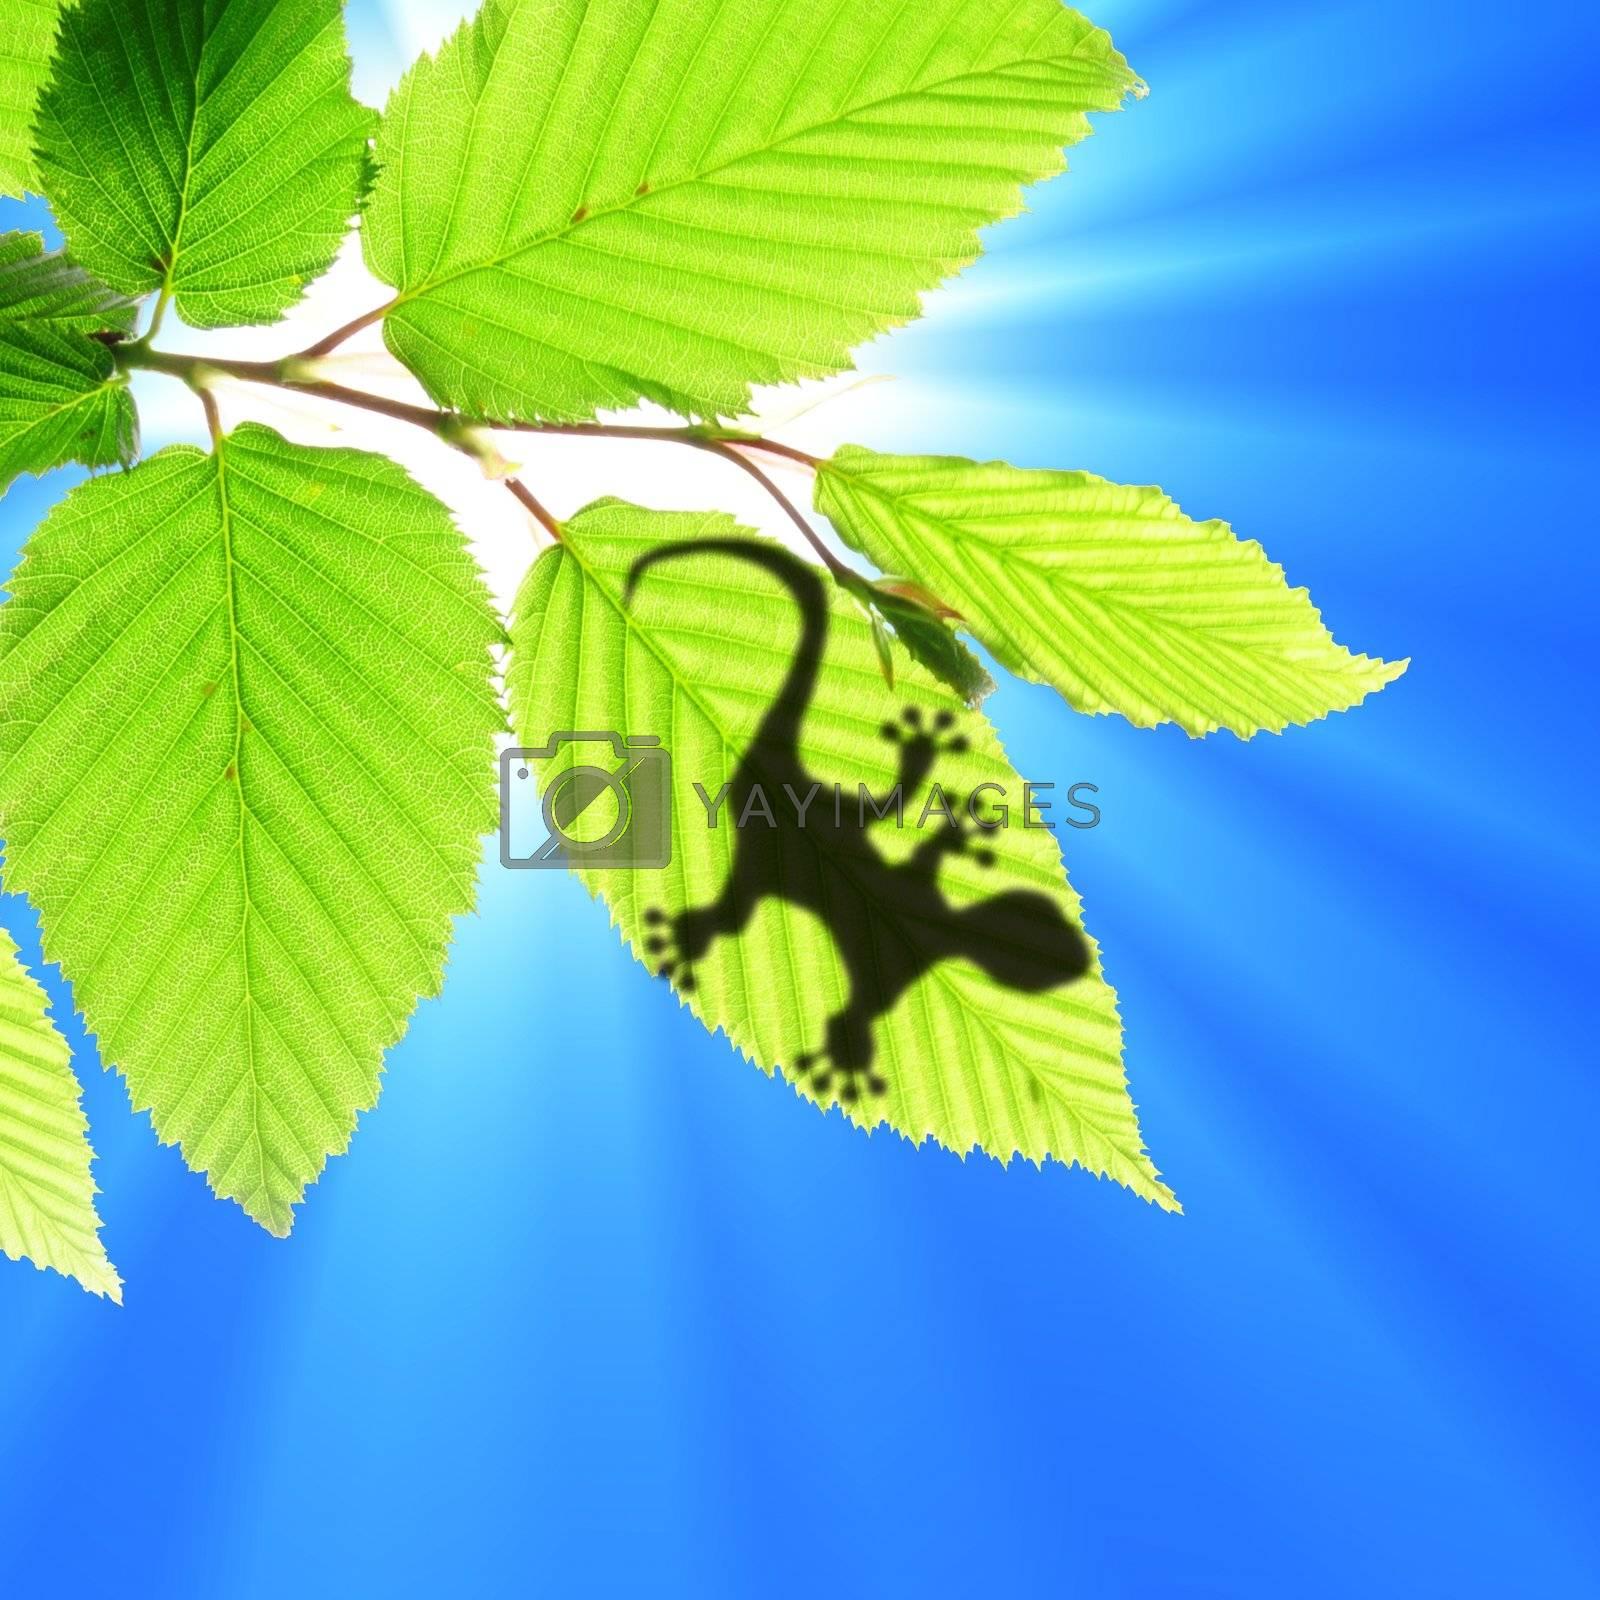 gecko shadow on leaf by gunnar3000